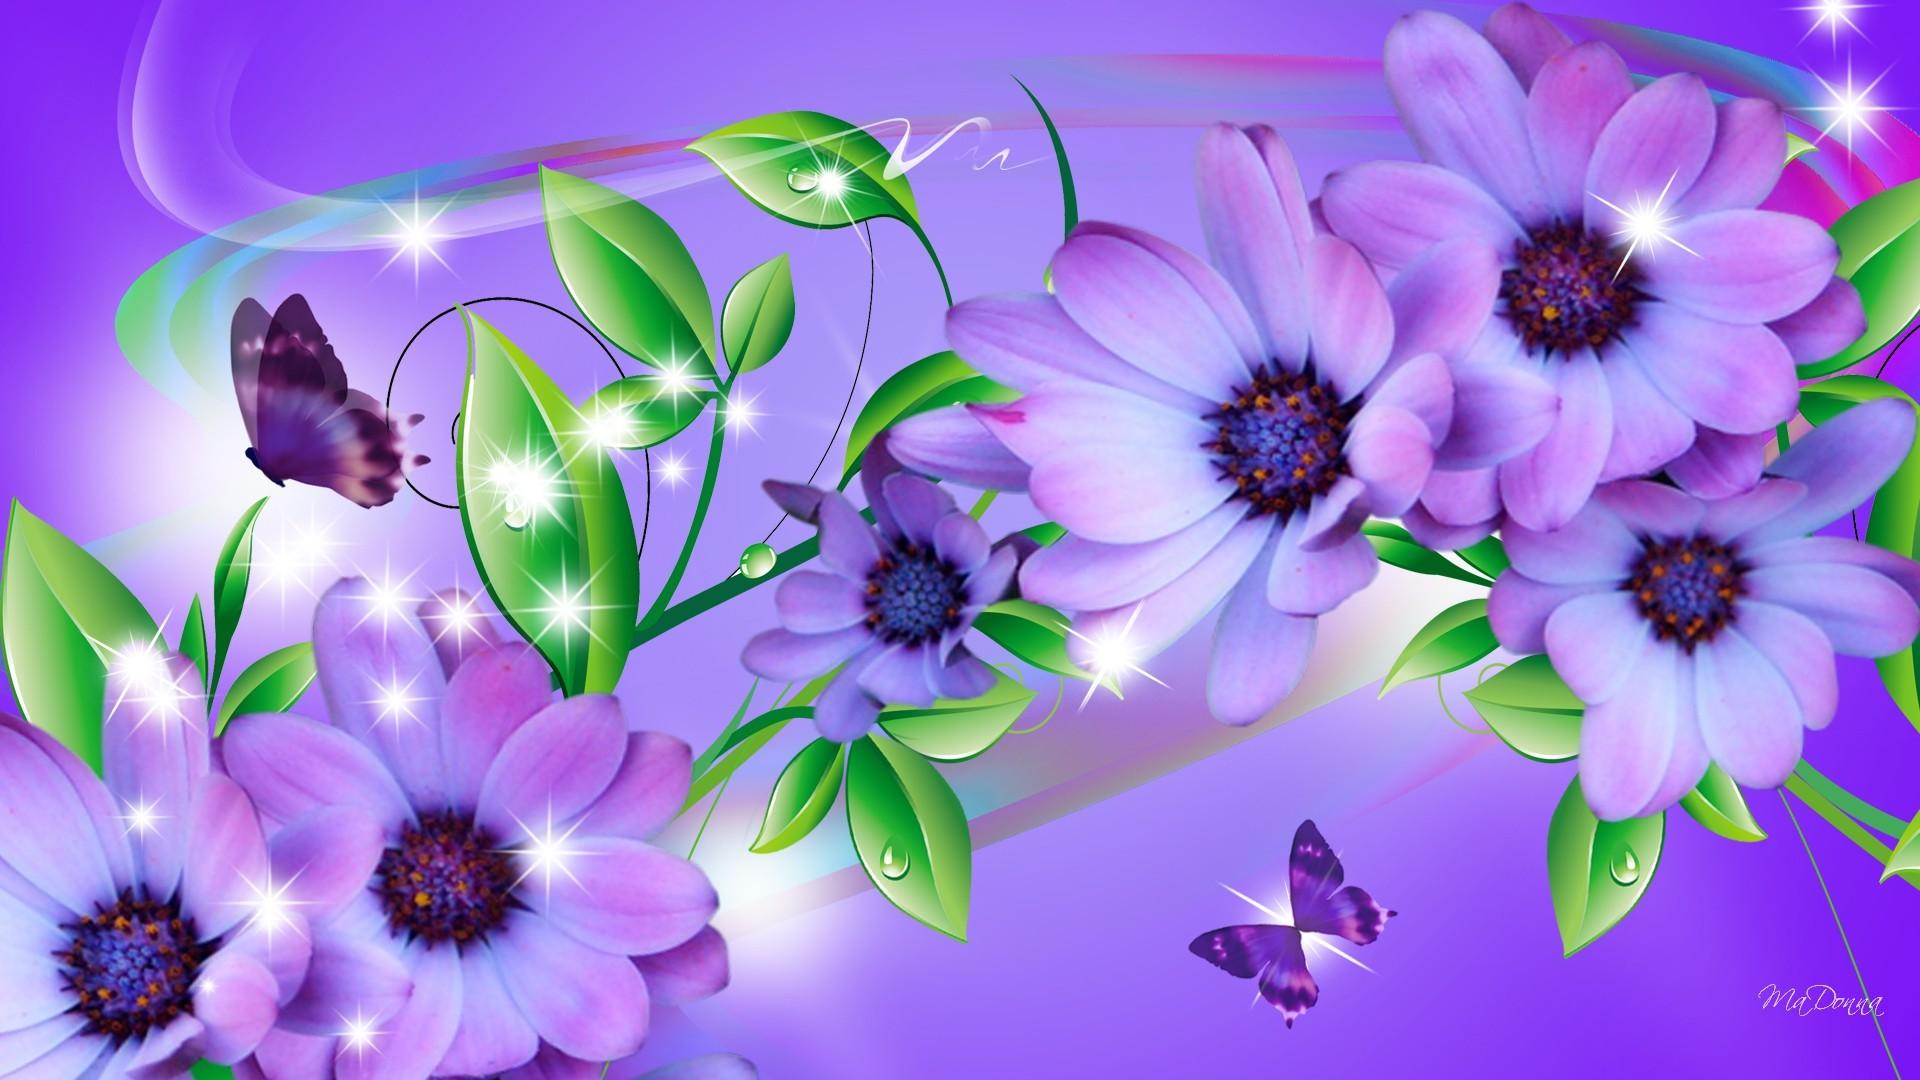 Ultra Hd Wallpaper Flower 4k Lavender Flowers 1926011 Hd Wallpaper Backgrounds Download